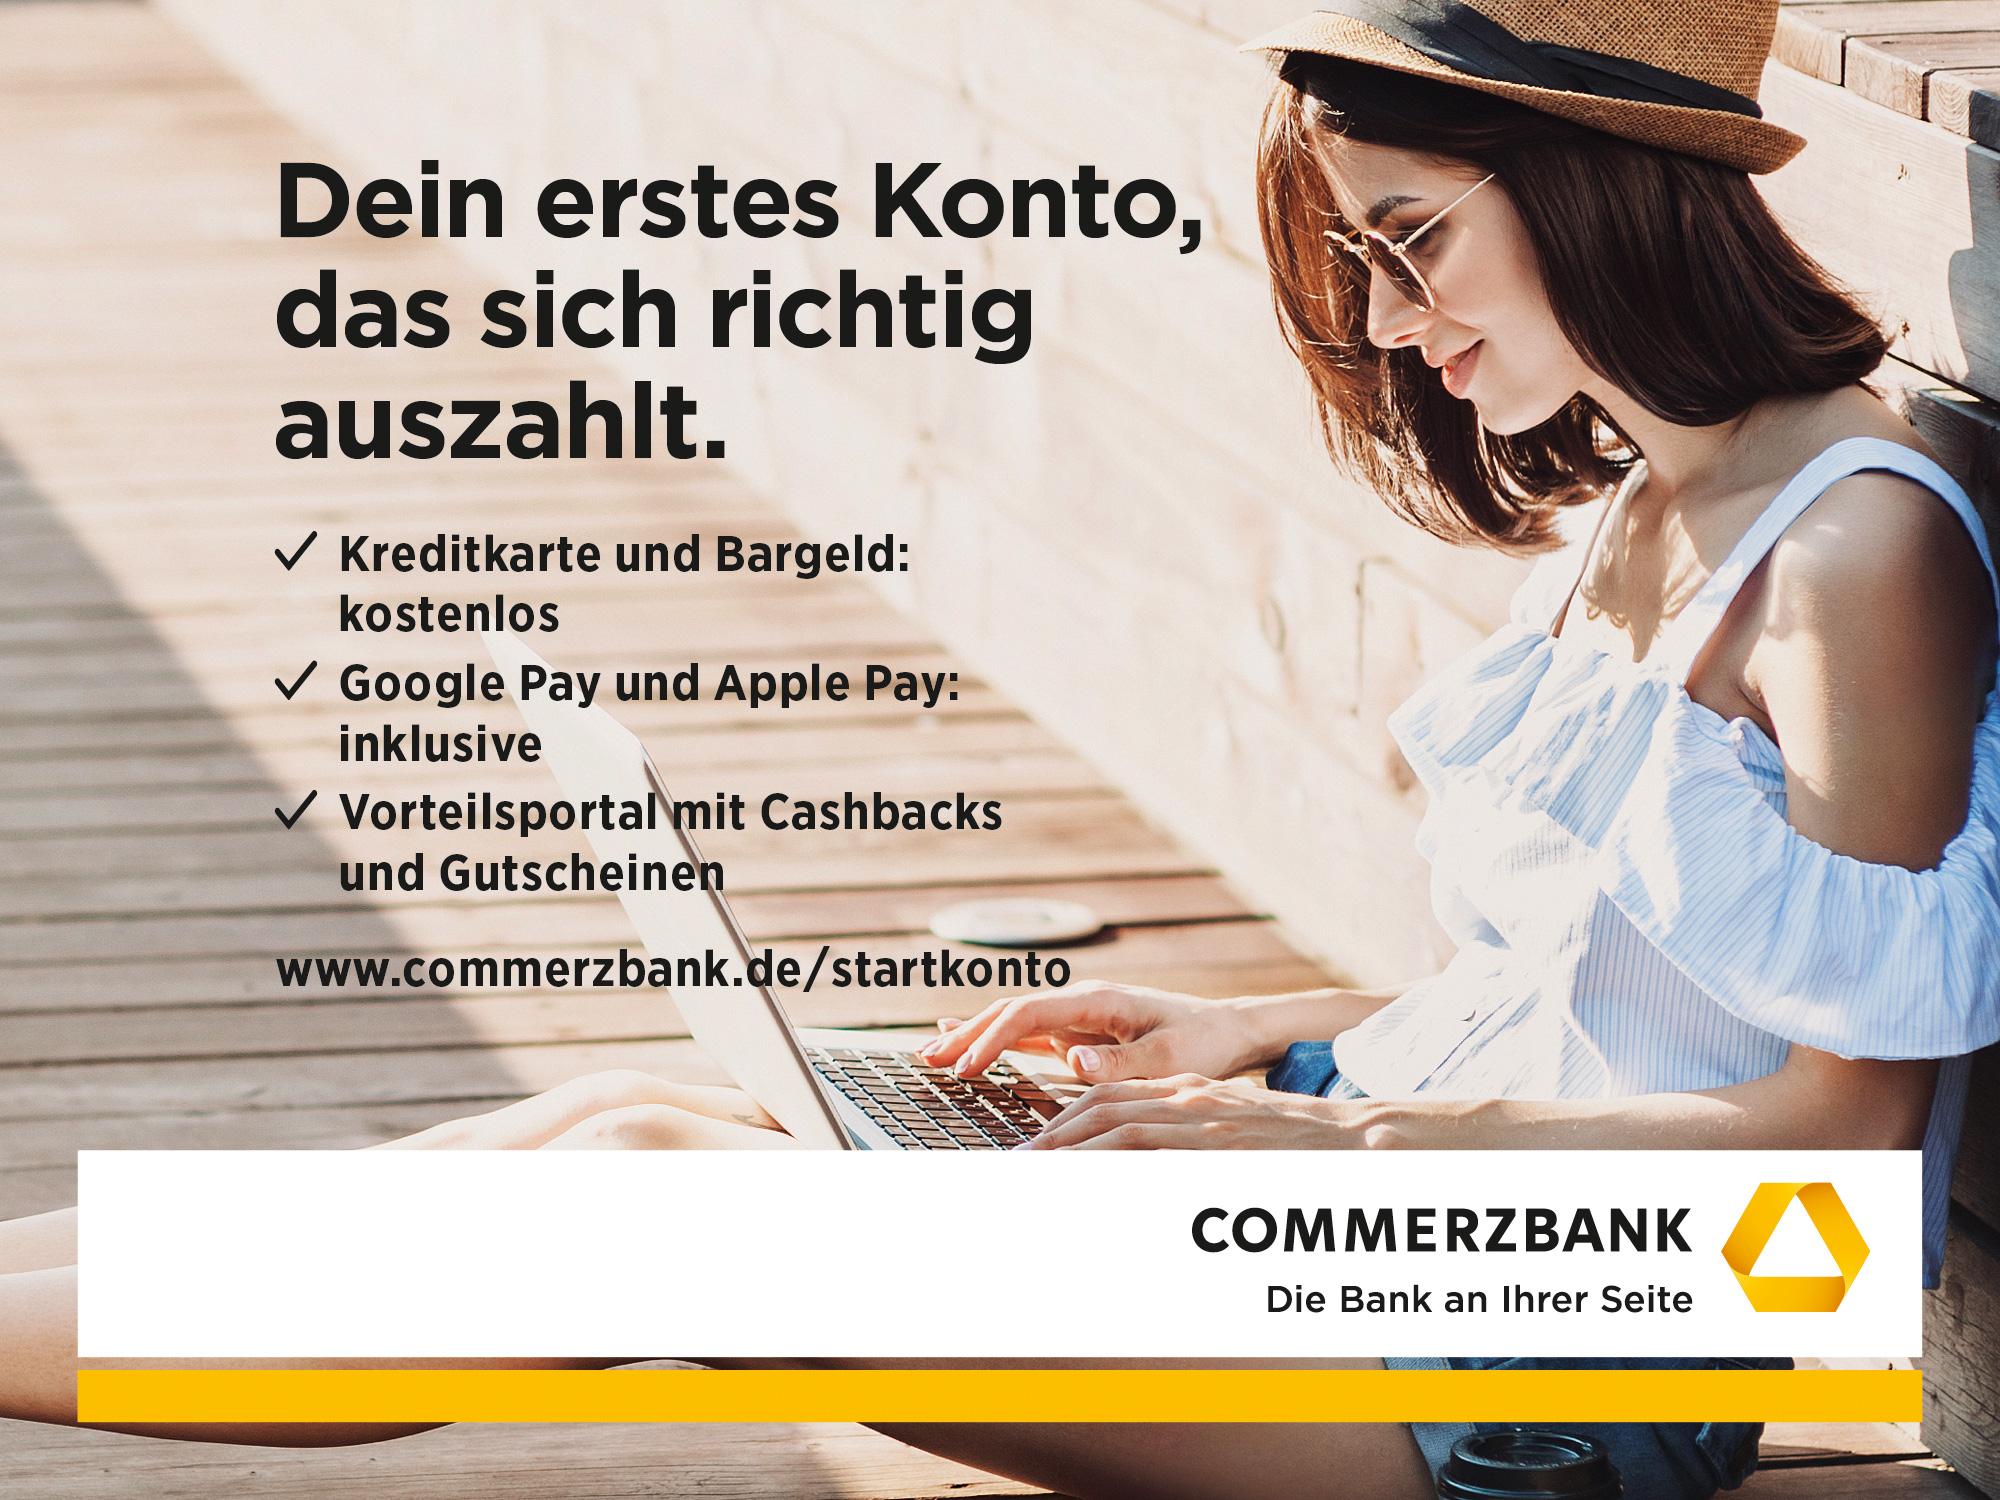 Commerzbank AG - Frau am Computer mit Informationen zum StartKonto